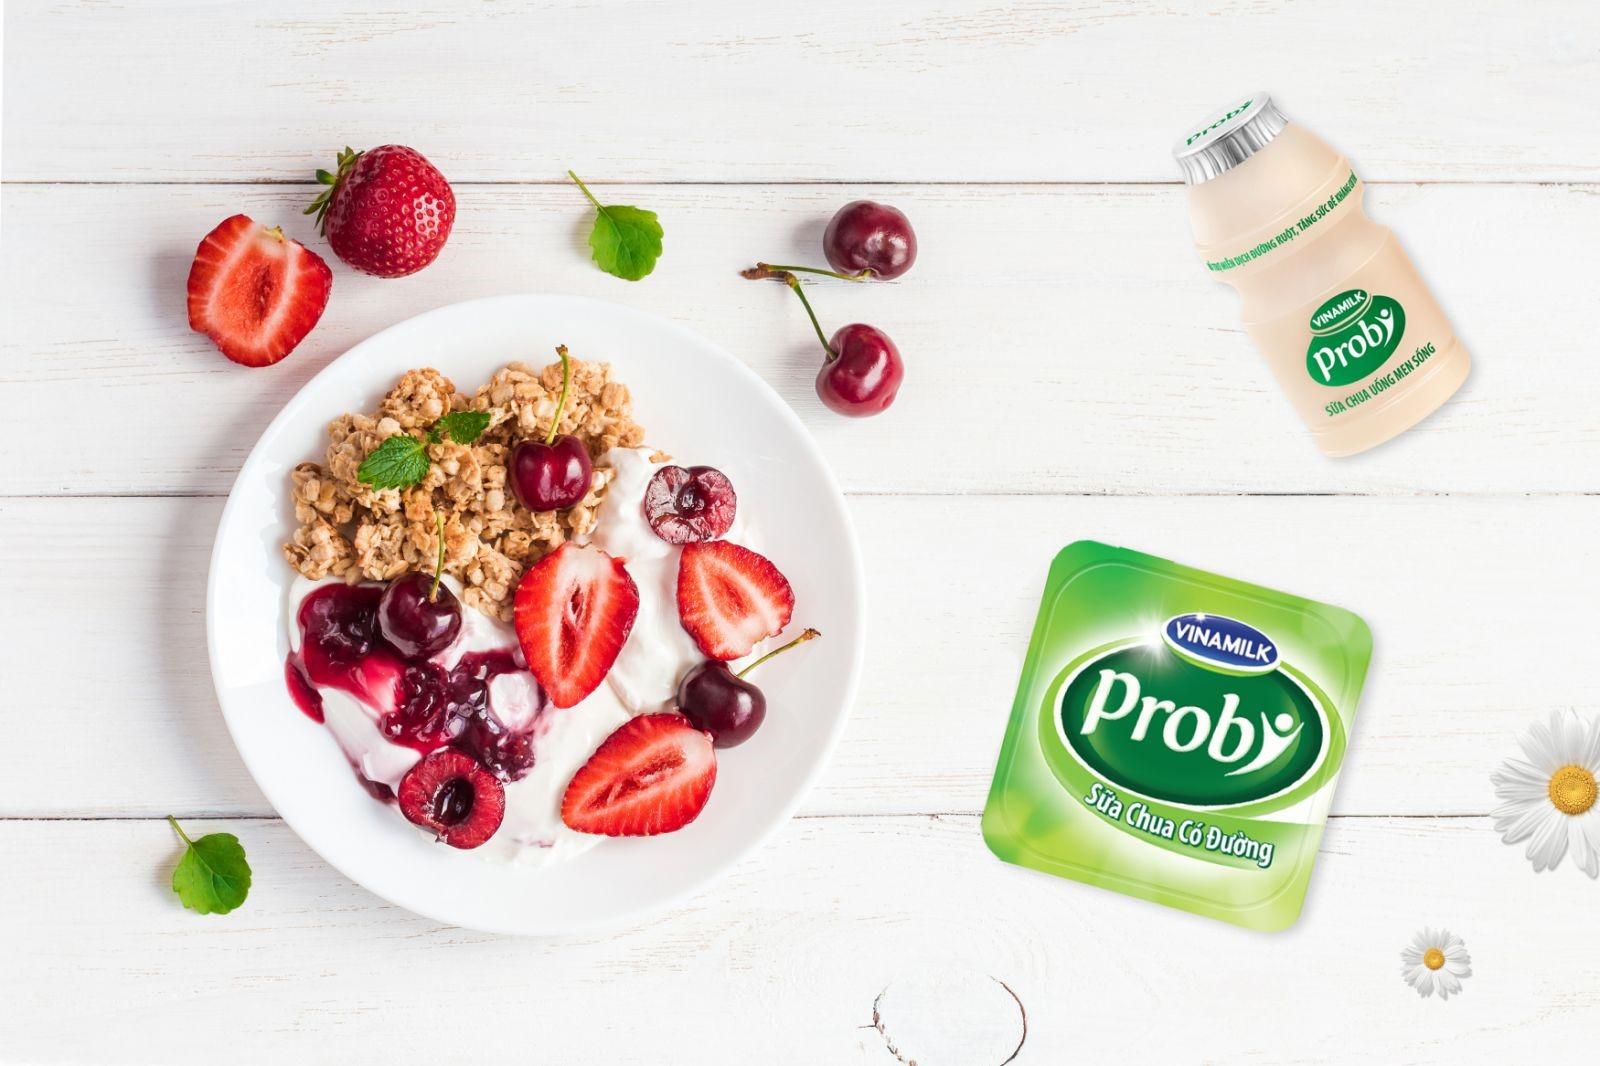 Bố mẹ có thể chế biến đa dạng các món ăn cho trẻ với sữa chua. Ảnh: Vinamilk